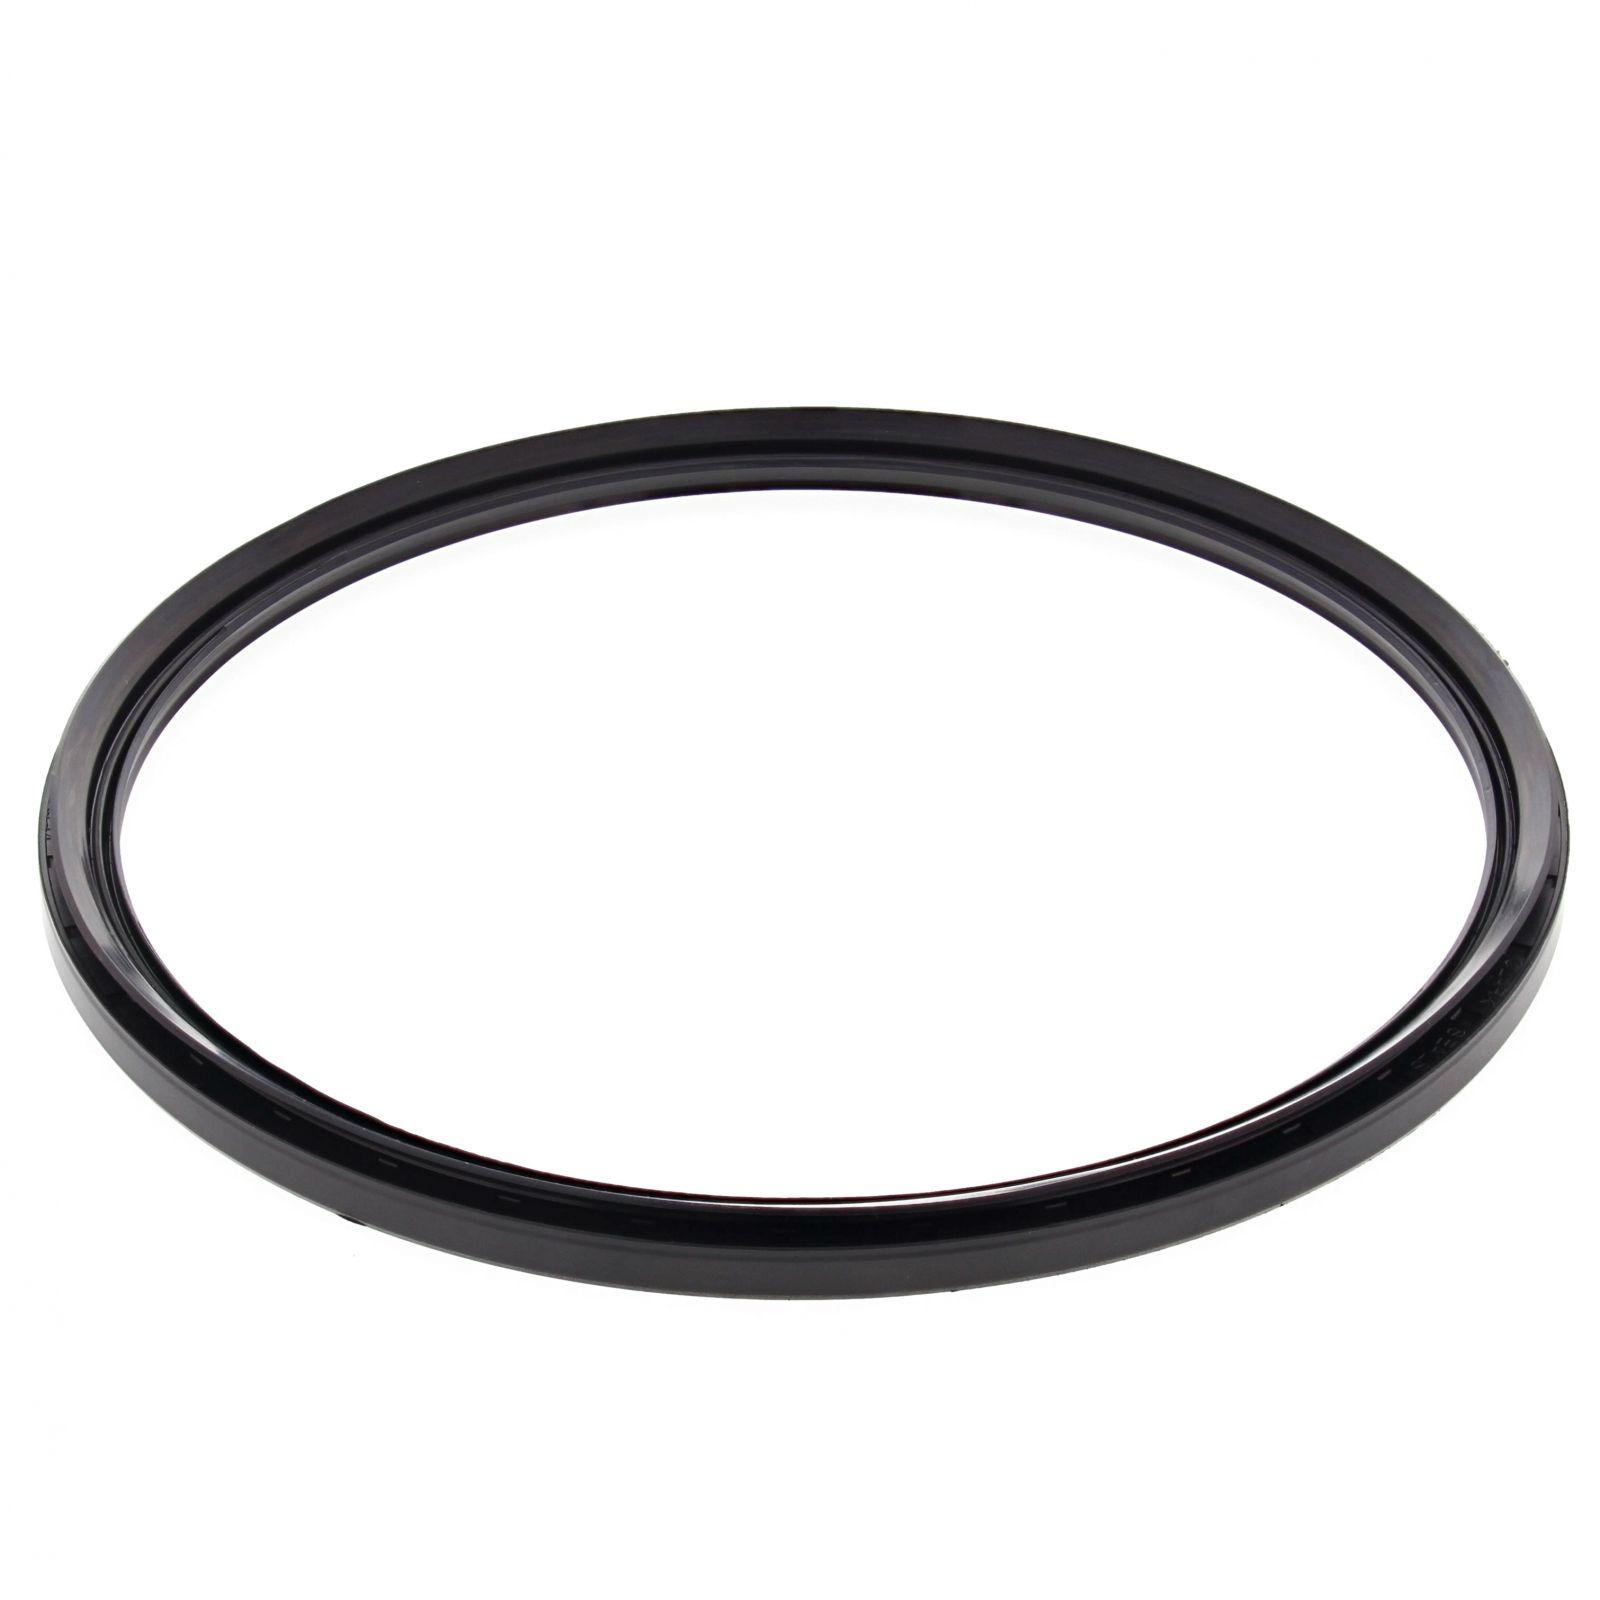 Wrp Brake Drum Seals - WRP3020401 image